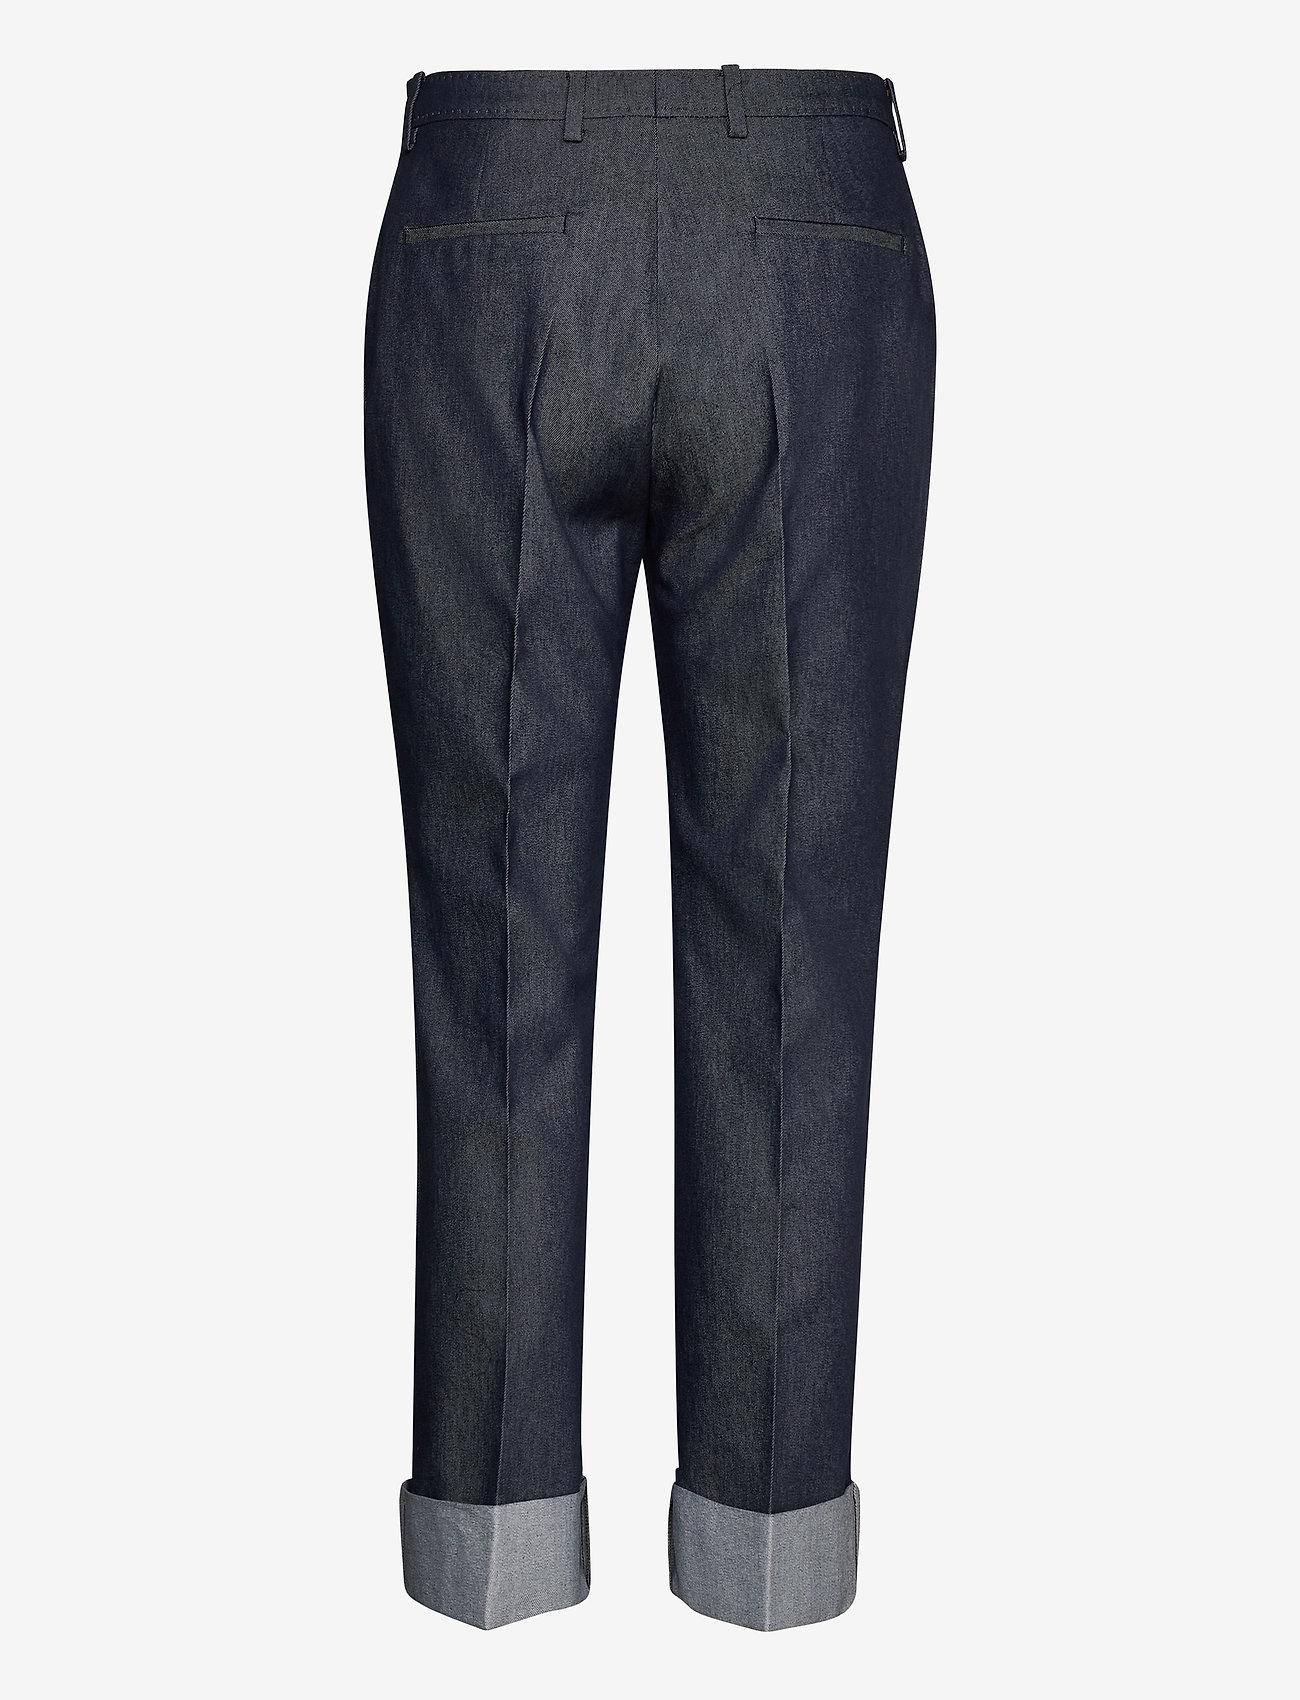 SAND 3395 - Dori A Turnup - Bukser MEDIUM BLUE - Dameklær Spesialtilbud